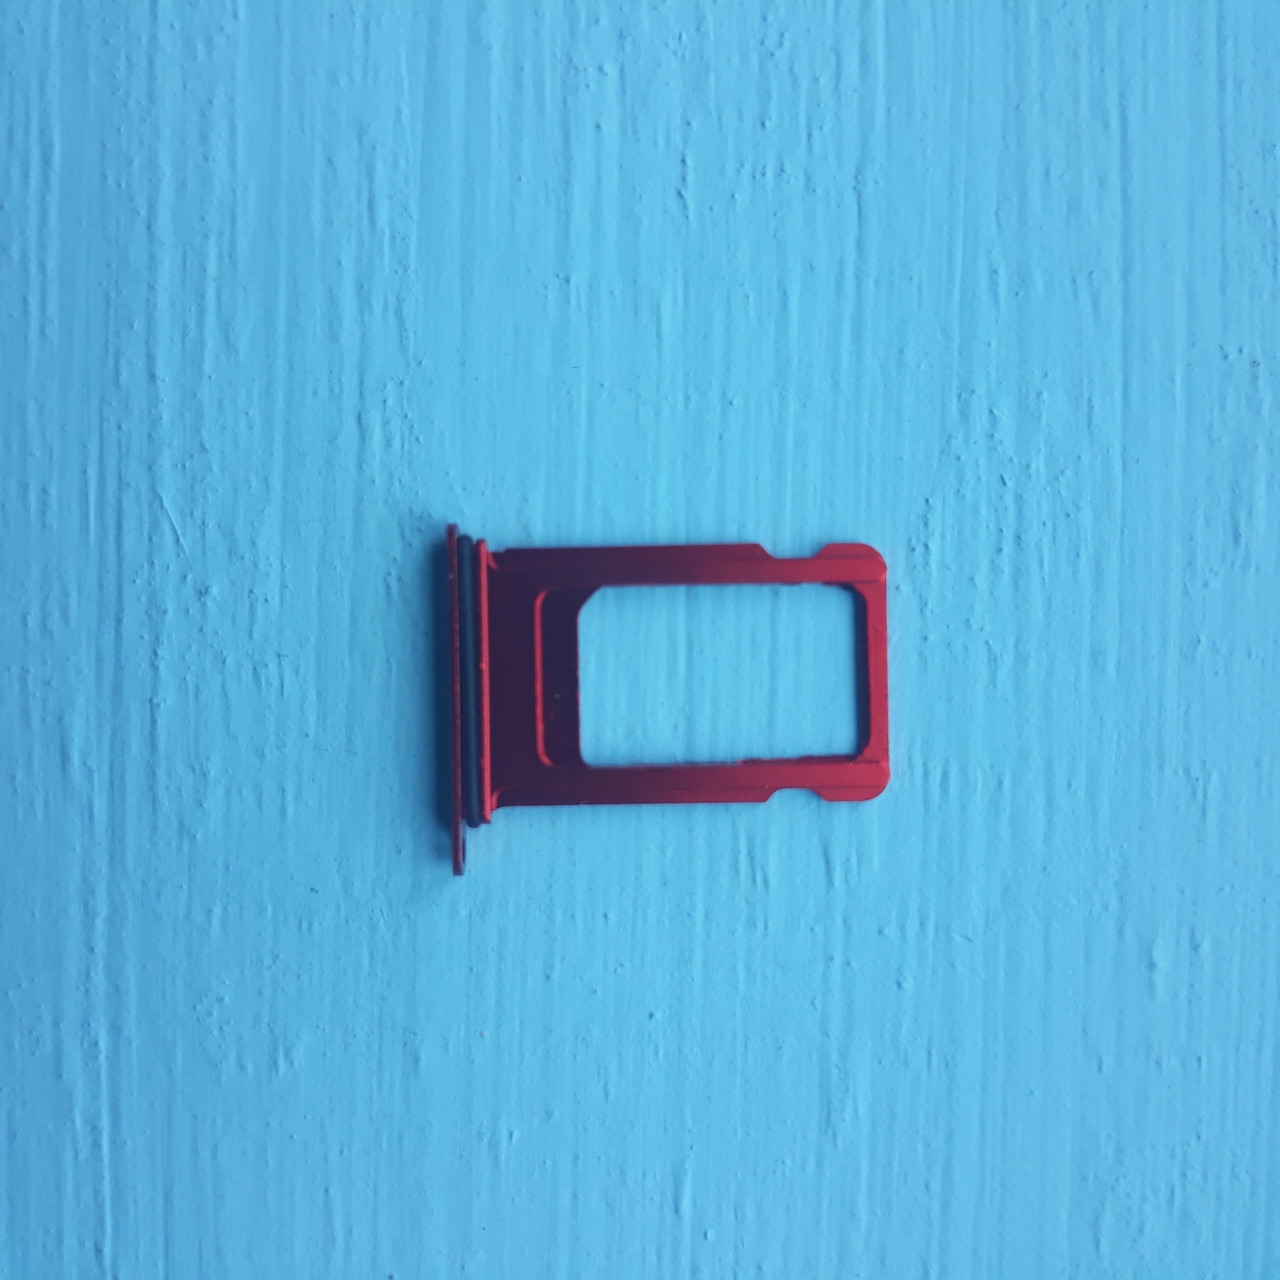 Держатель sim-карты для Apple iPhone 8 Red